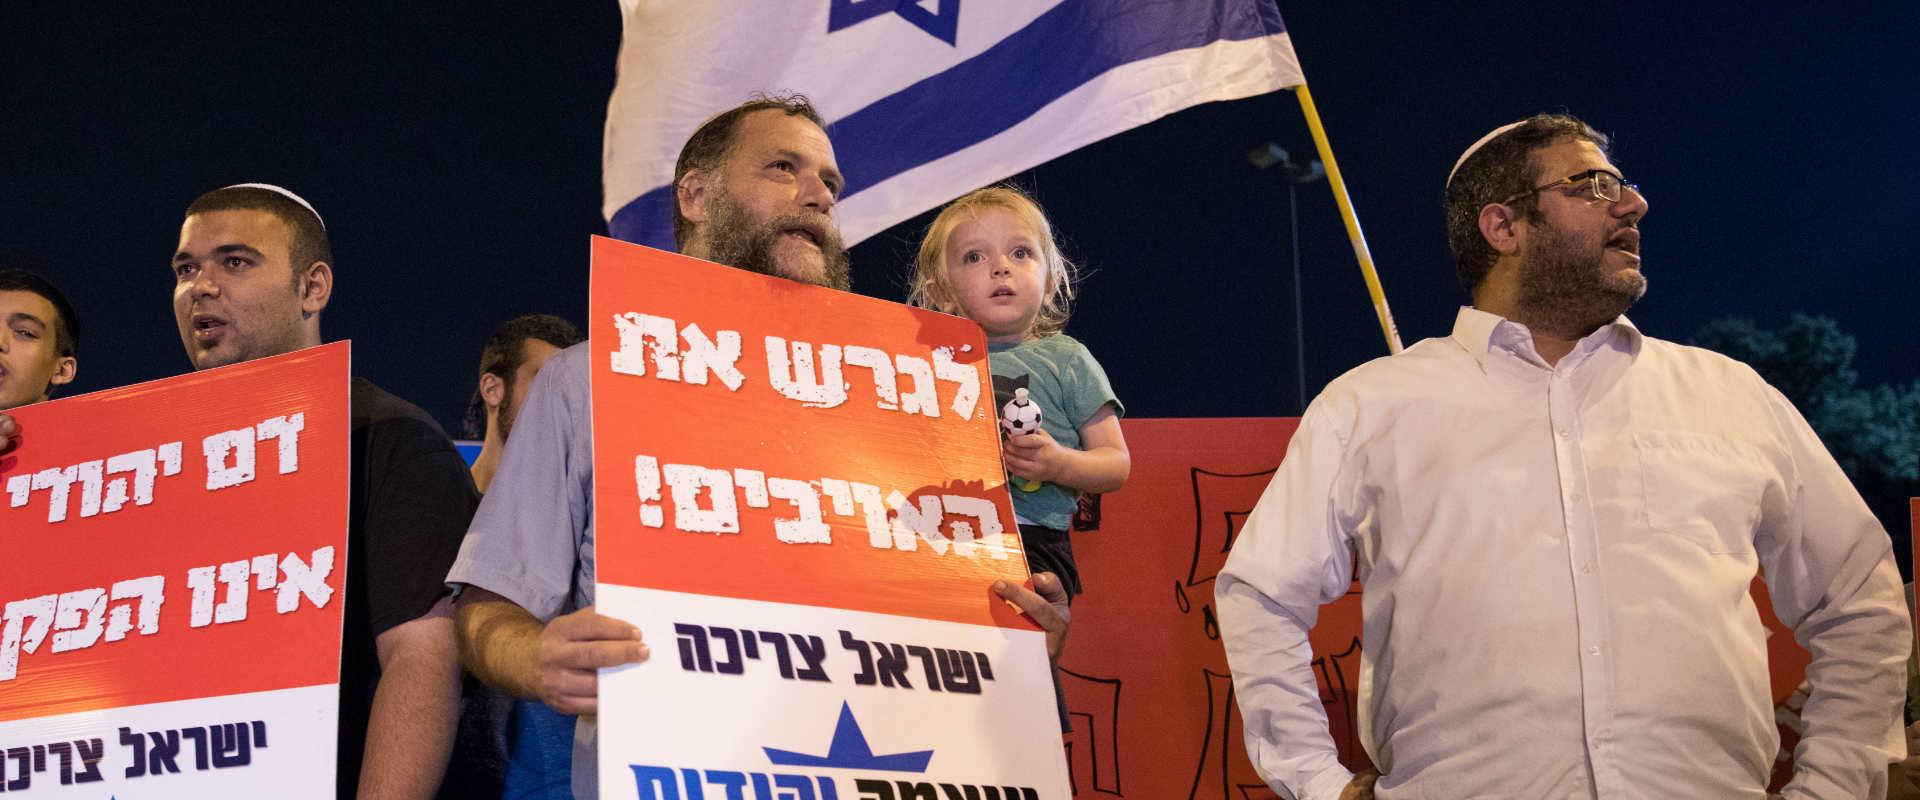 פעילי עוצמה יהודית